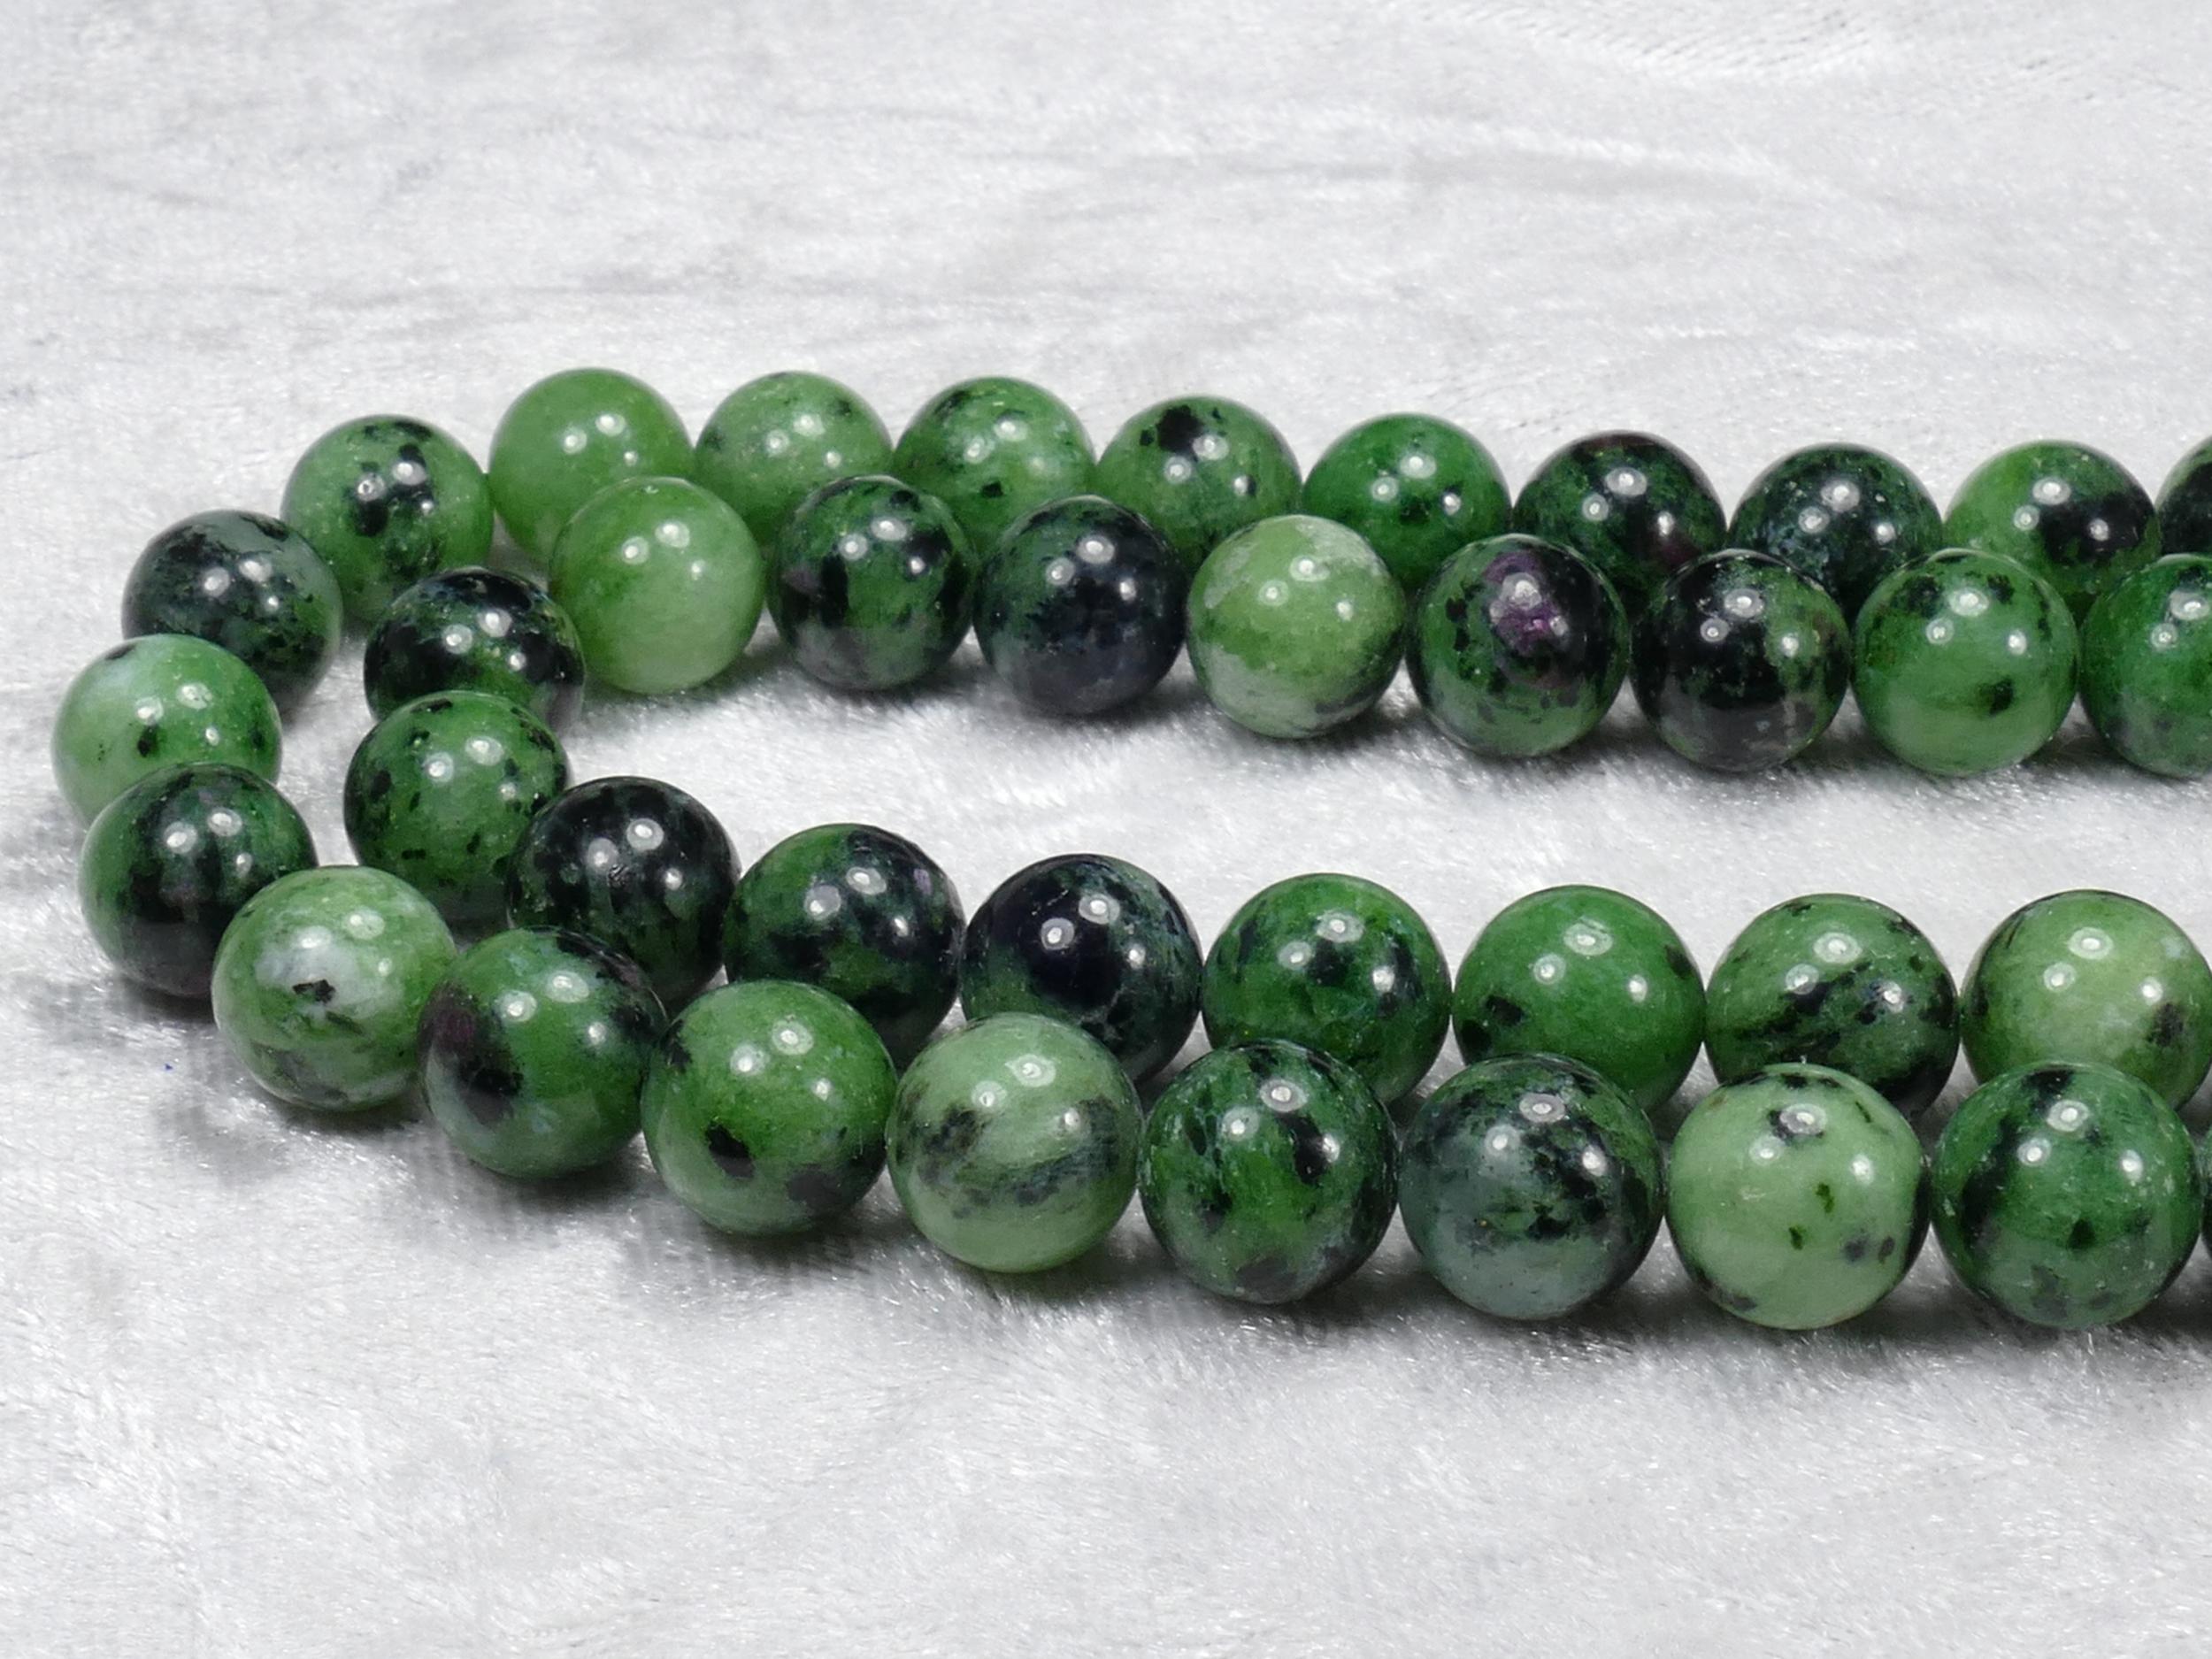 10/10.2mm x20 Perles de Rubis-zoisite naturel, très peu de rubis, boule / rond lisse (#AC811)